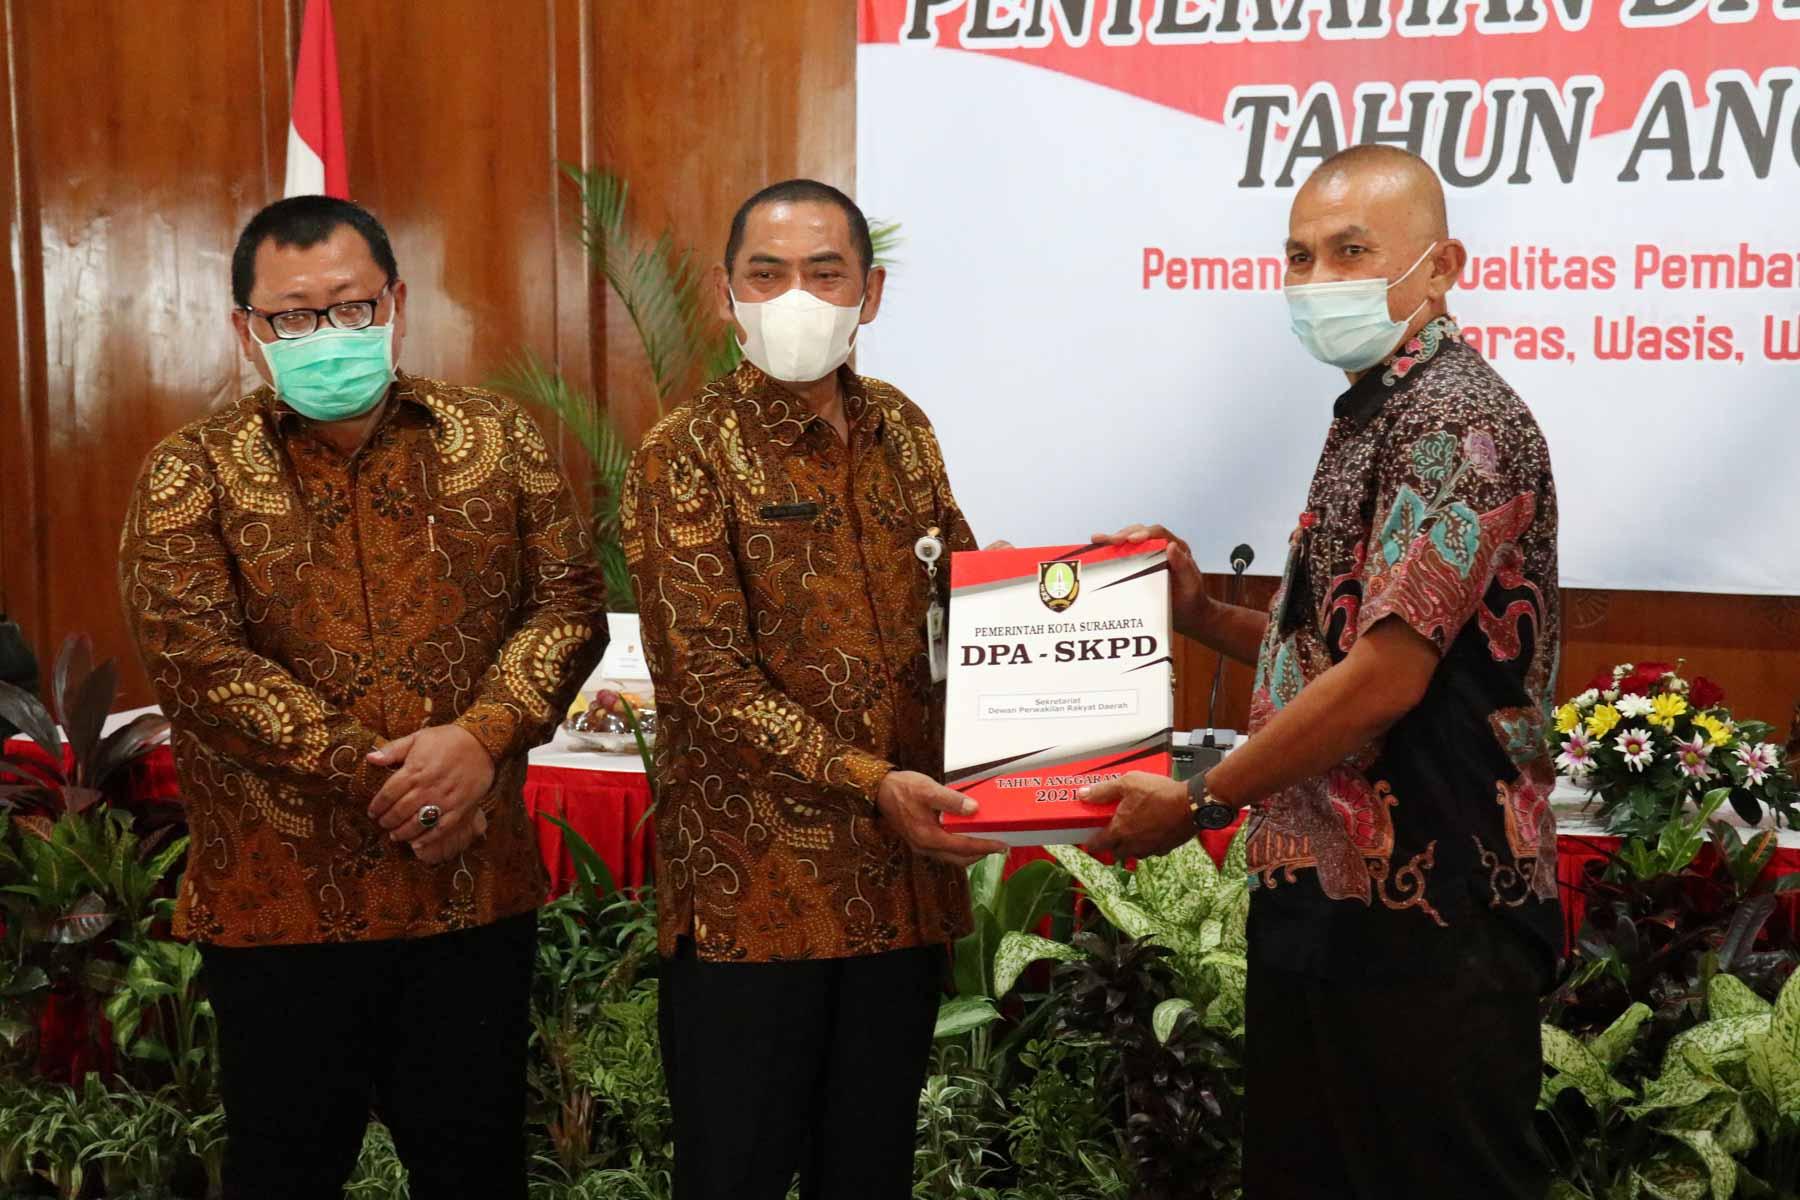 Ketua DPRD Hadiri Penyerahan DPA Pemkot Solo Tahun Anggaran 2021